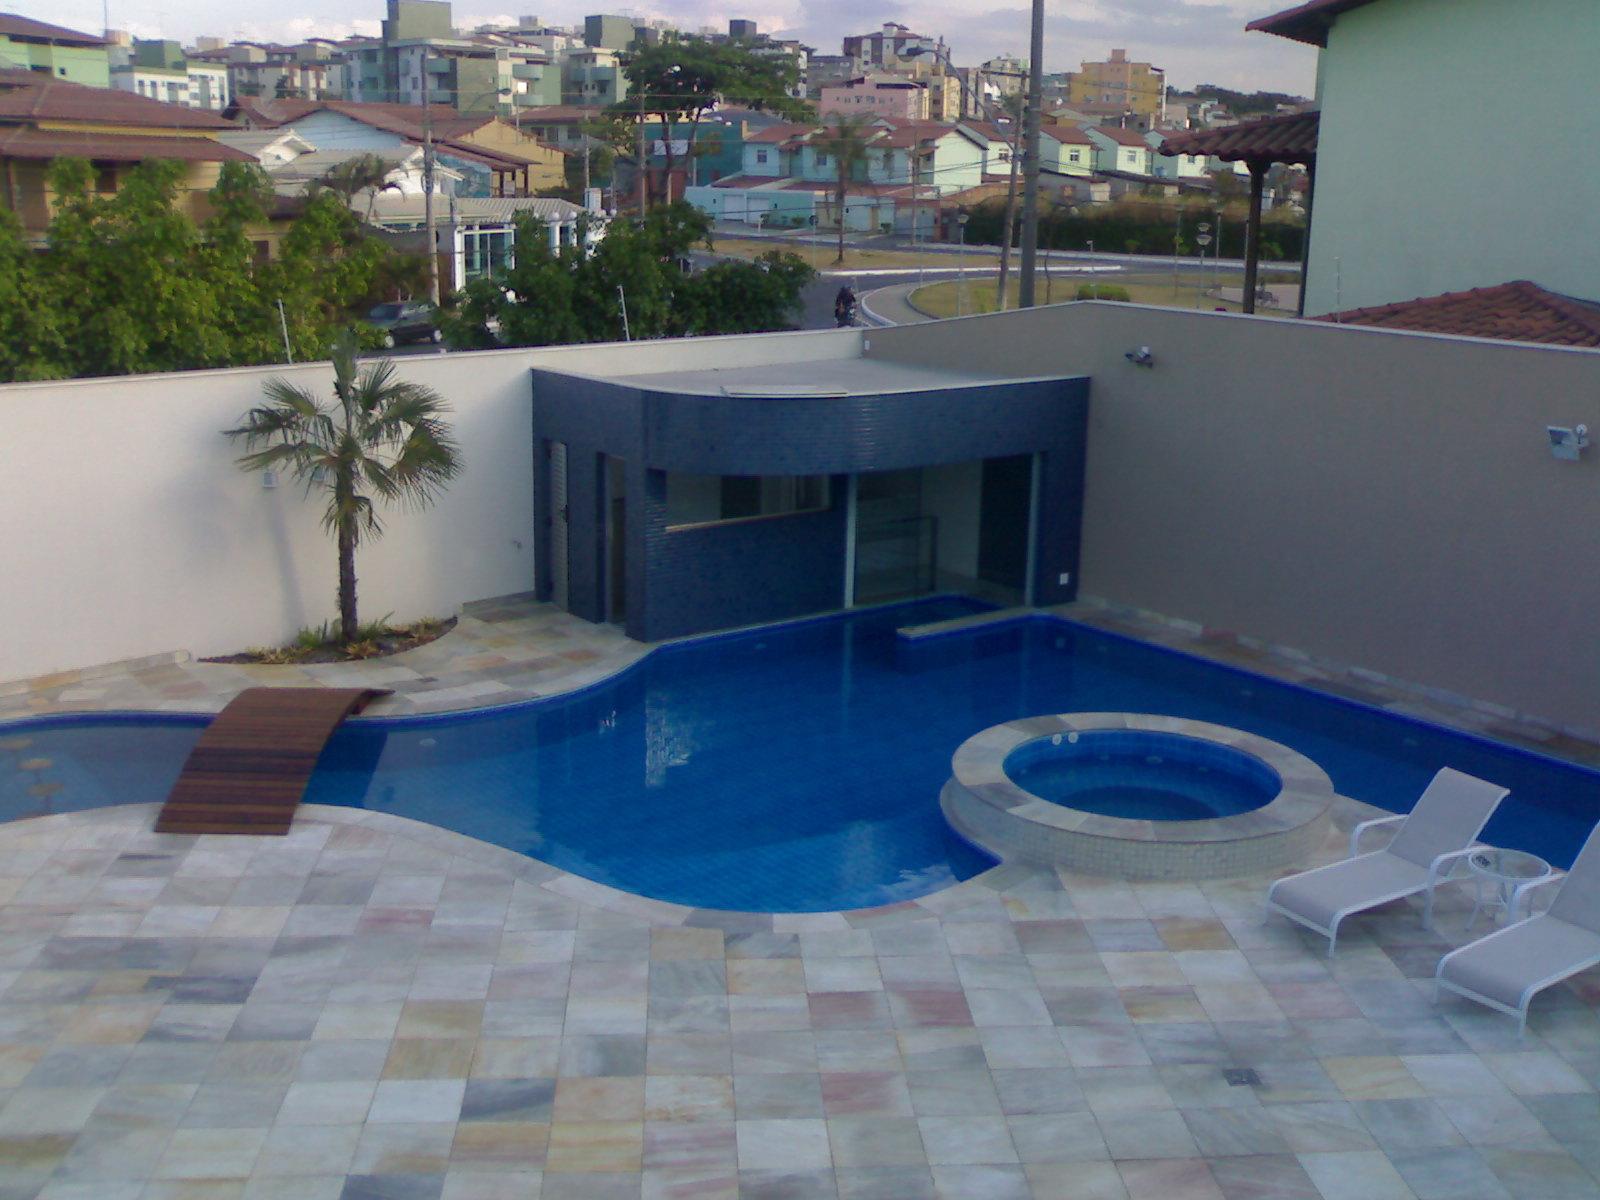 Piscina de vinil bh piscinas personalizadas loja em bh mg - Fotos piscinas ...